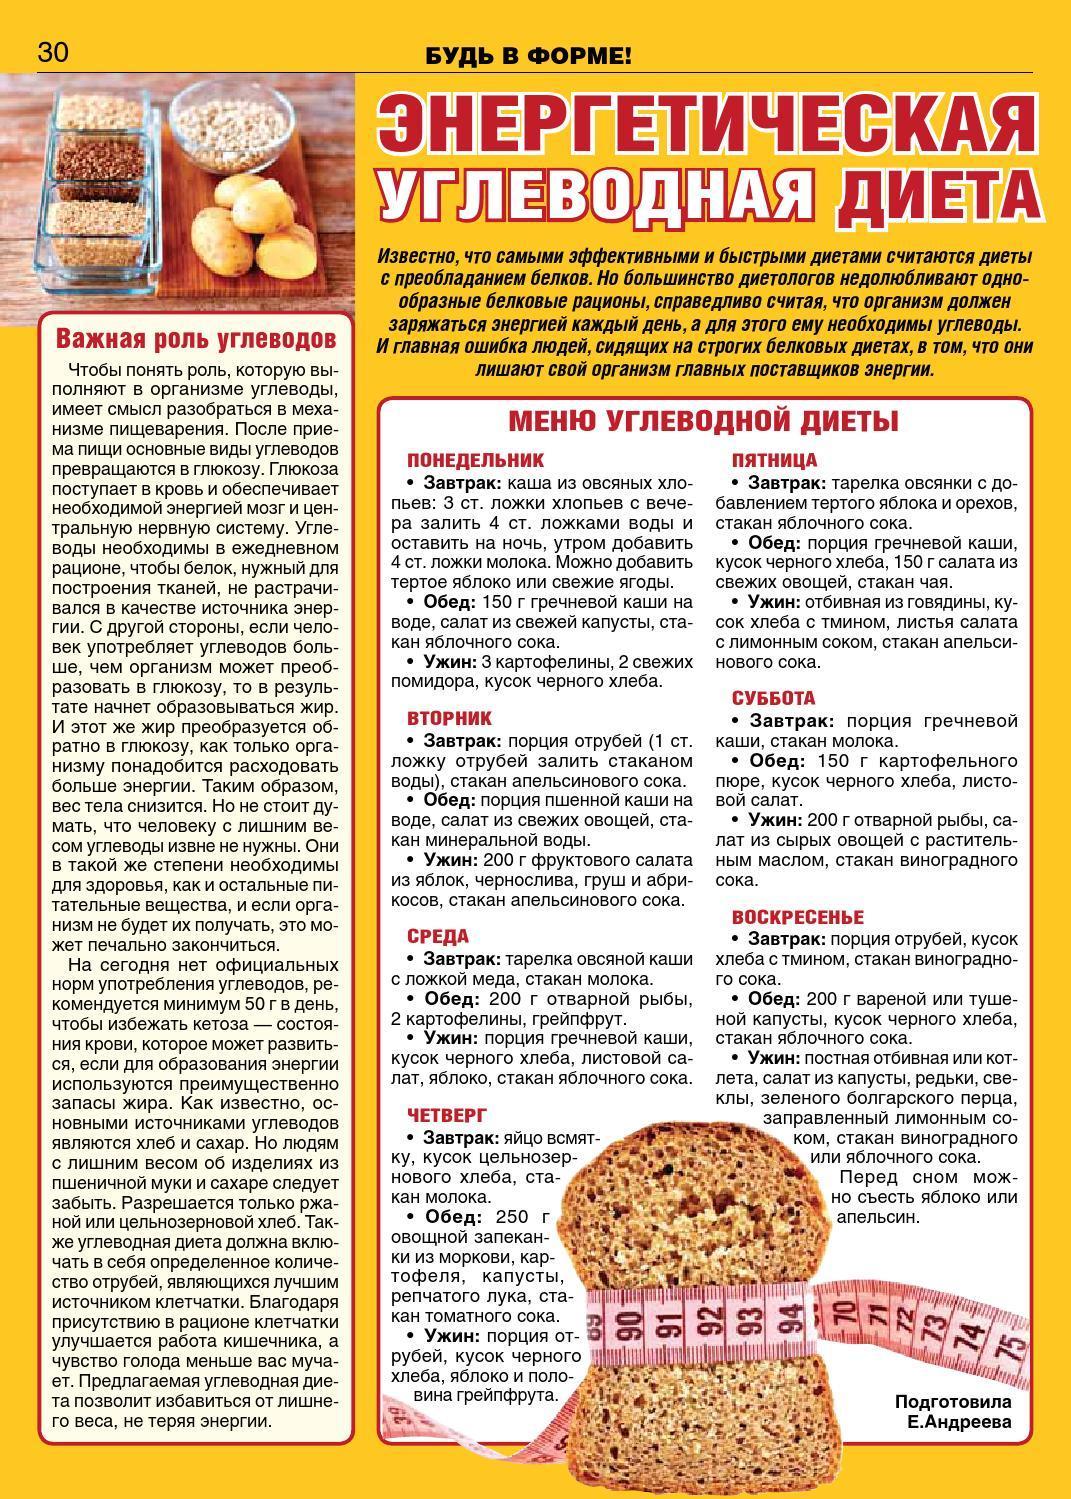 Низкоуглеводная диета для похудения: эффективные меню, отзывы | диета